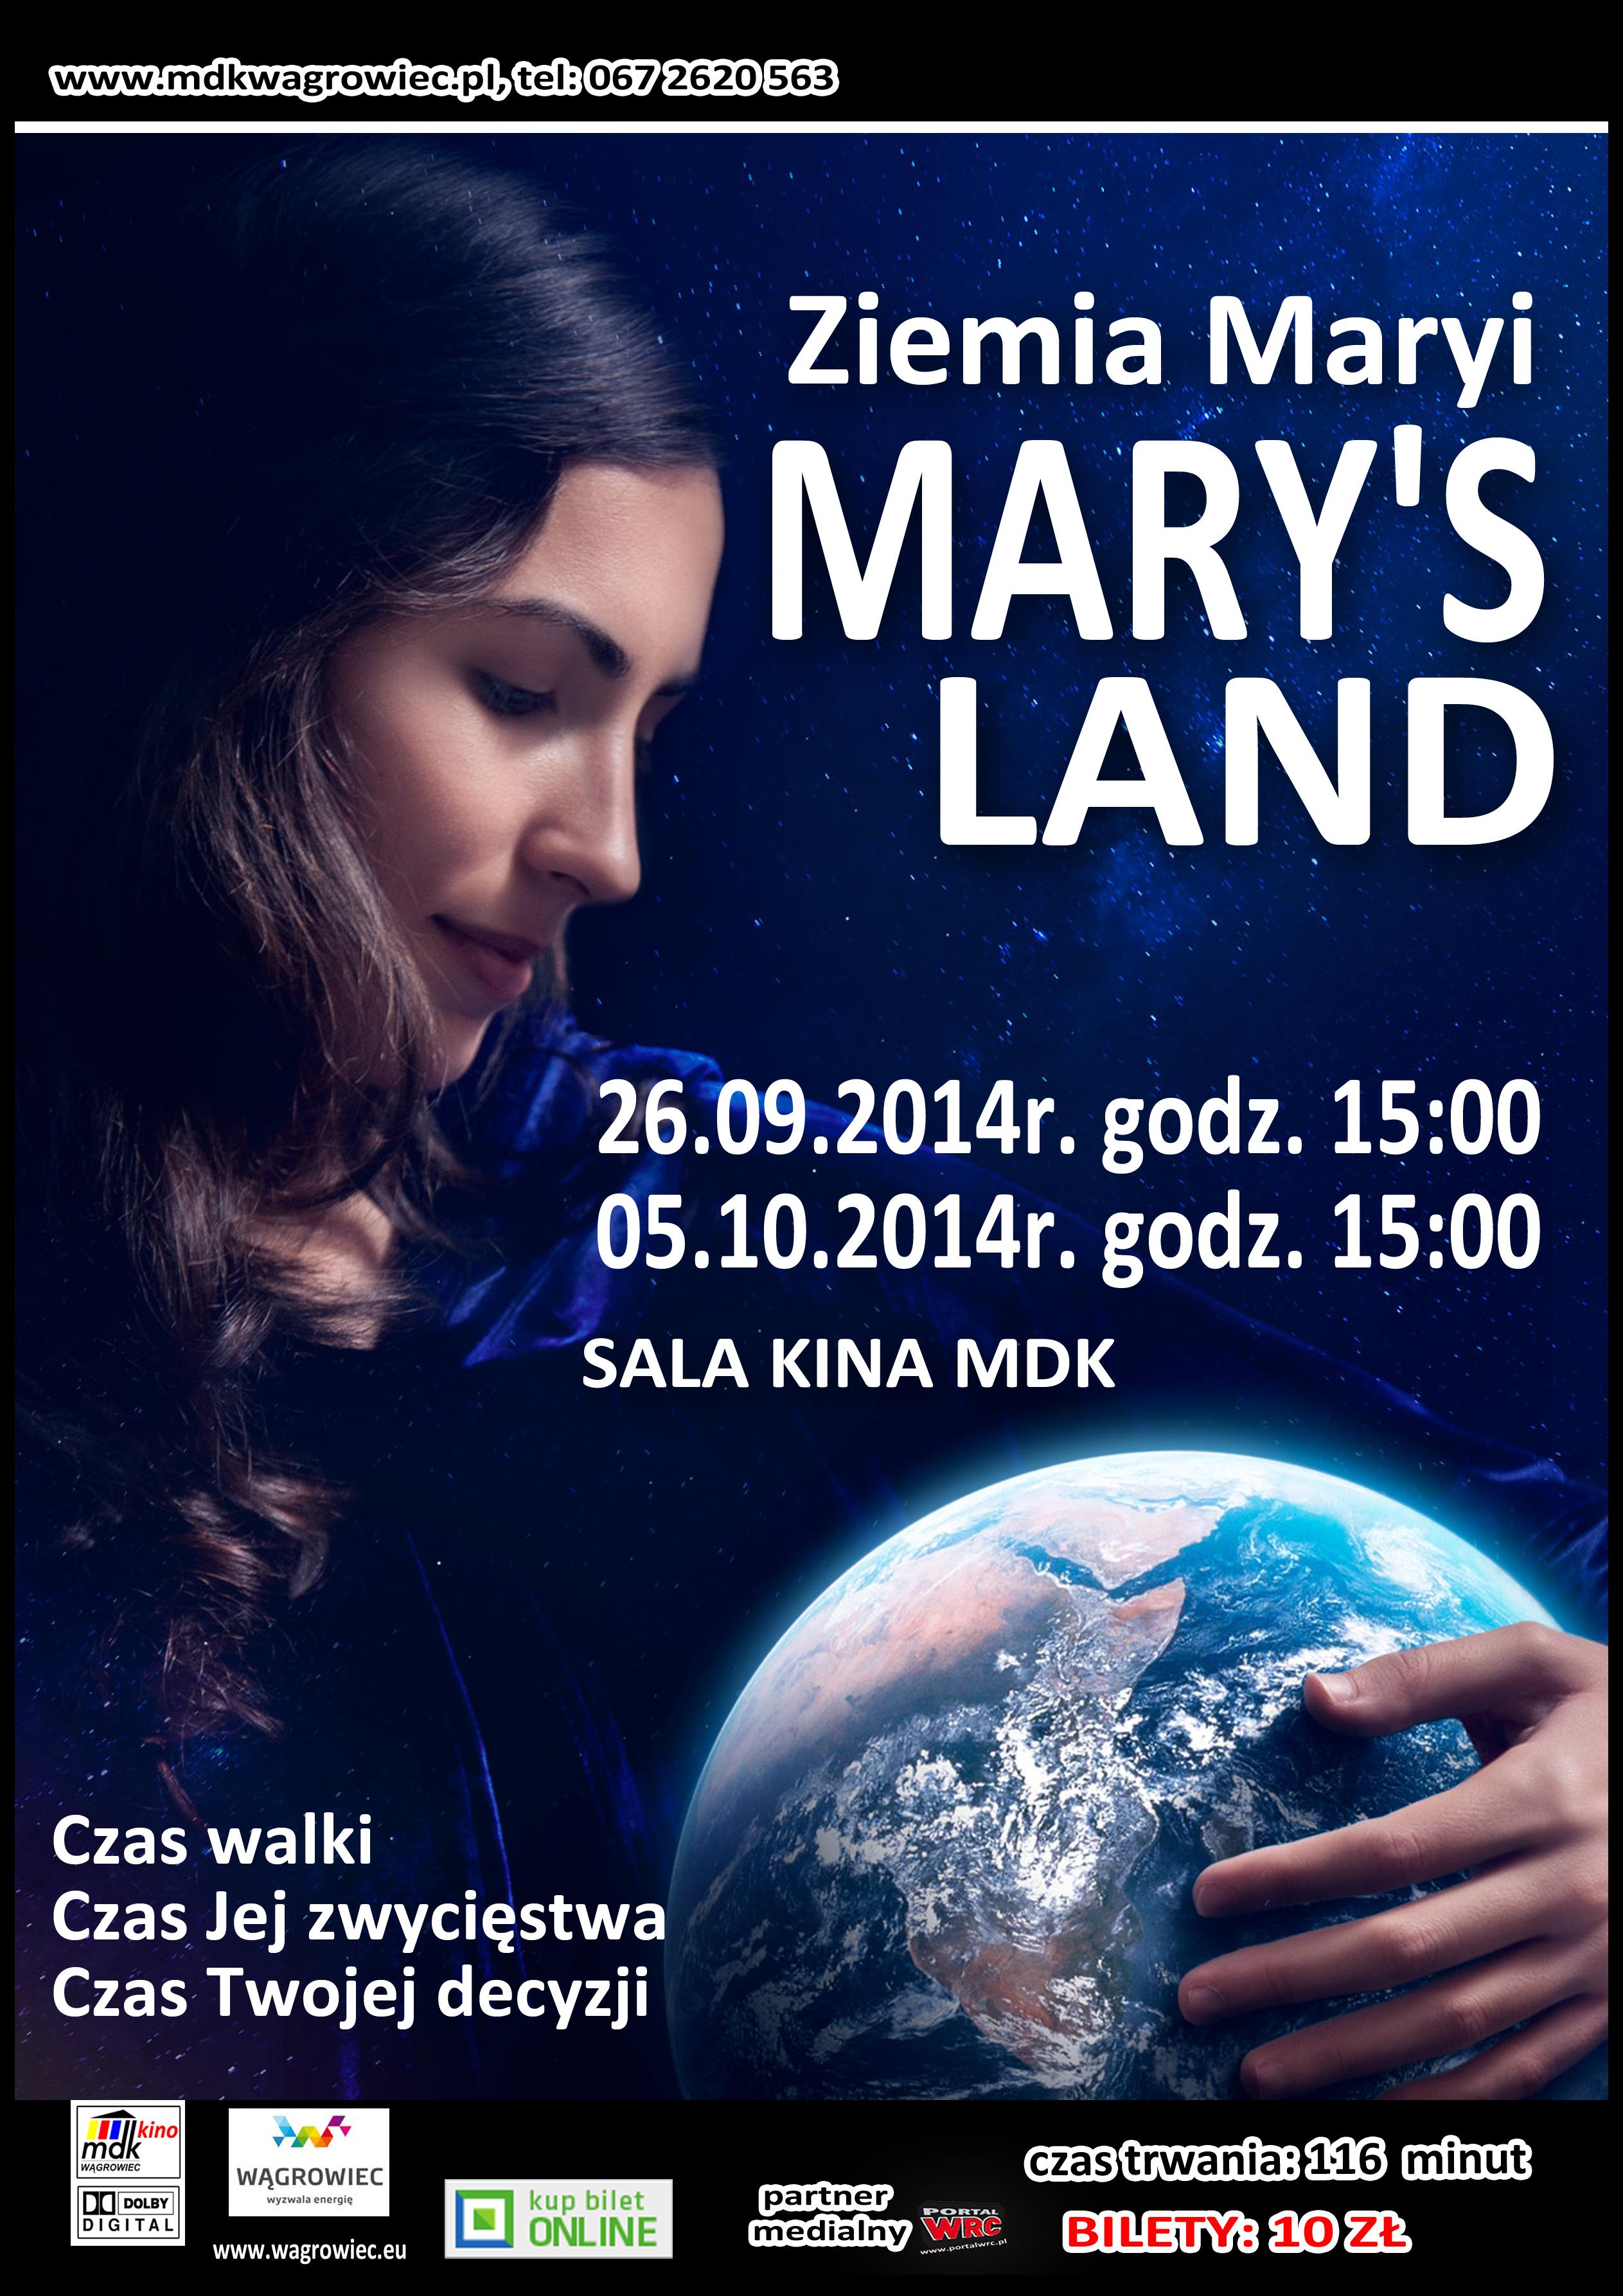 ZIEMIA MARYI_edytowany-2